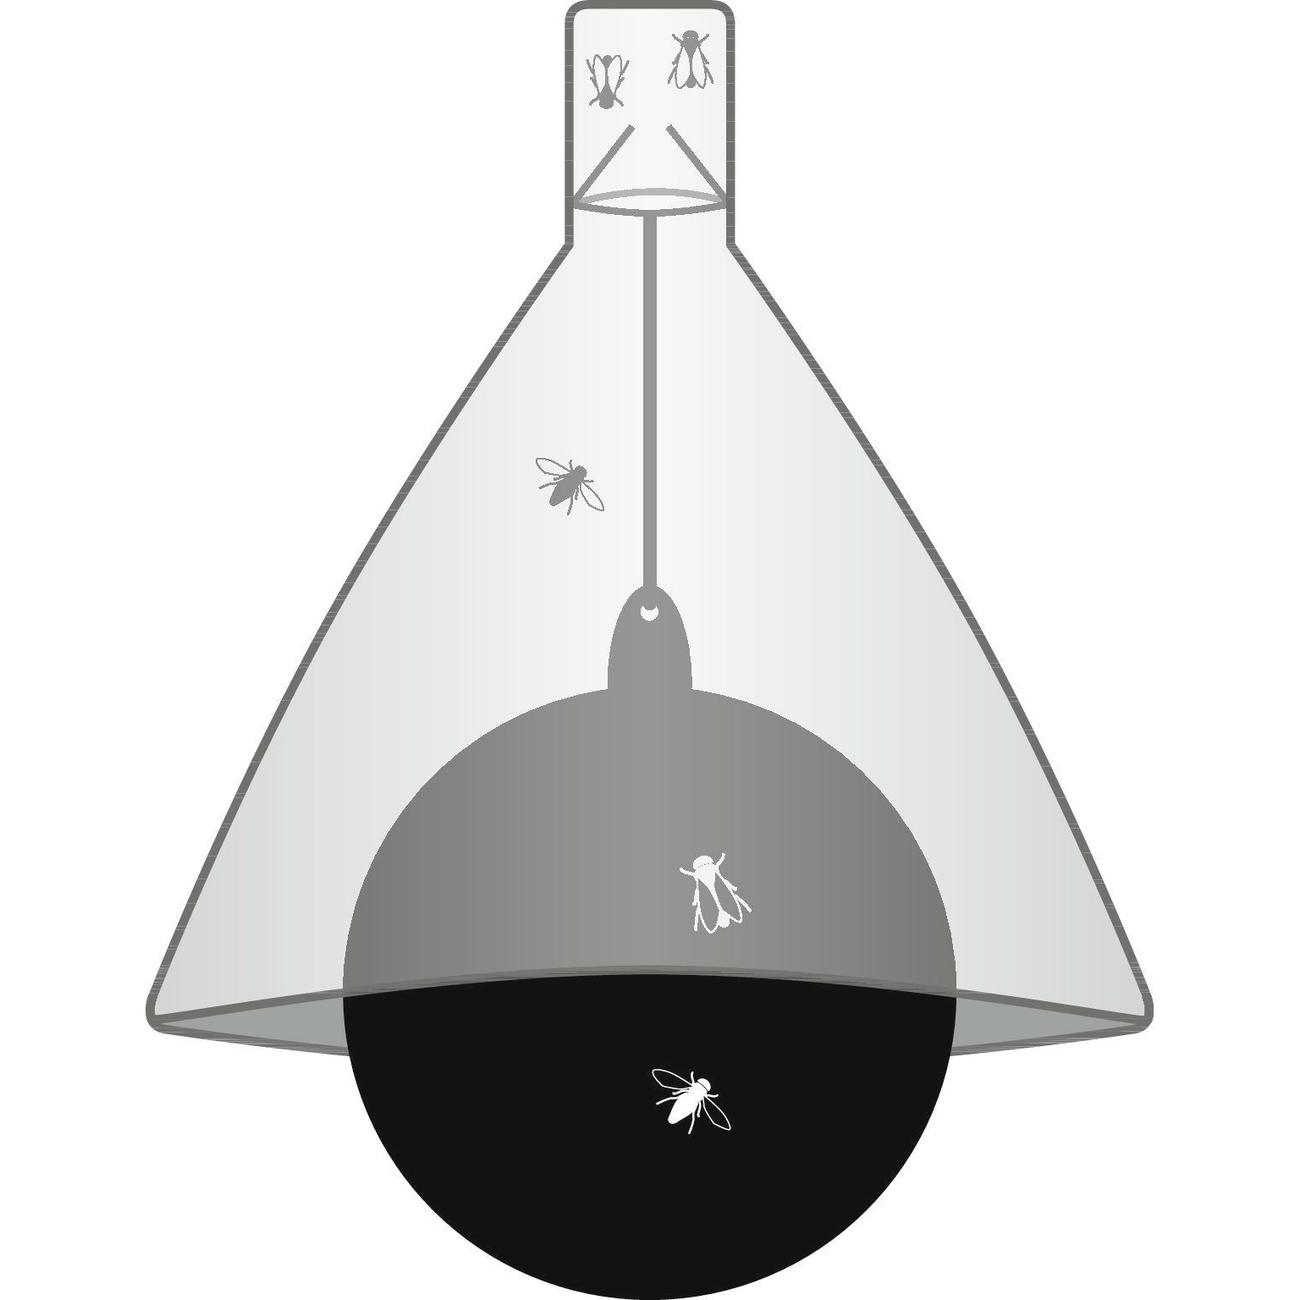 Kerbl Bremsenfalle Taon-X, Bild 3